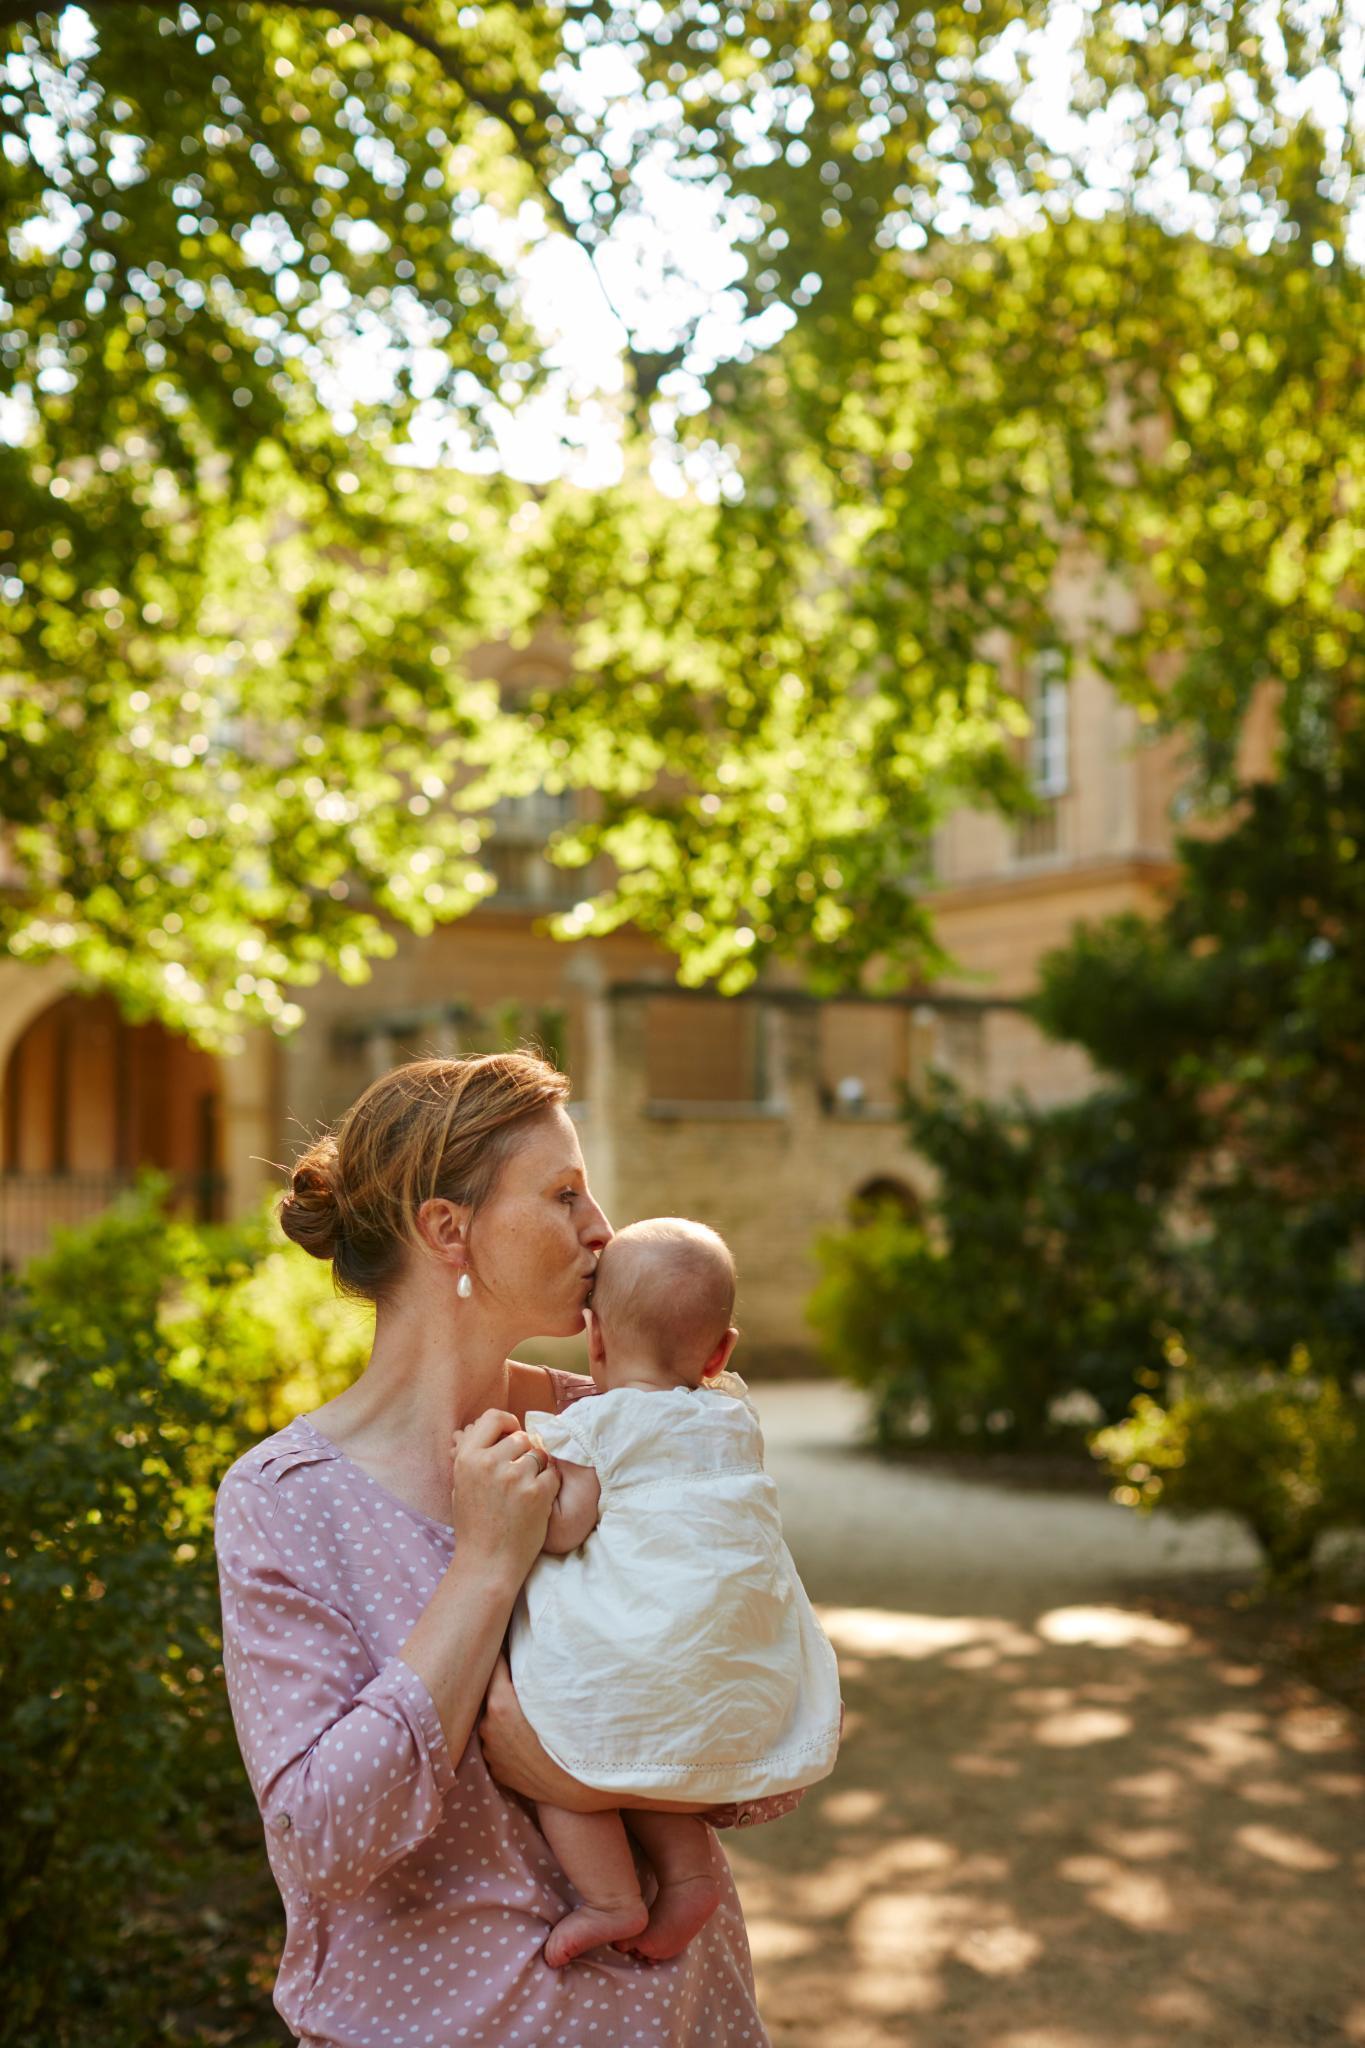 Sophie von Preußen im Park von Sanssouci - hier ist sie eine ganz normale Mutter. Töchterchen Emma Marie ahnt noch nicht, dass Park und Schloss im 18. Jahrhundert von ihrem Vorfahren Friedrich dem Großen angelegt wurden